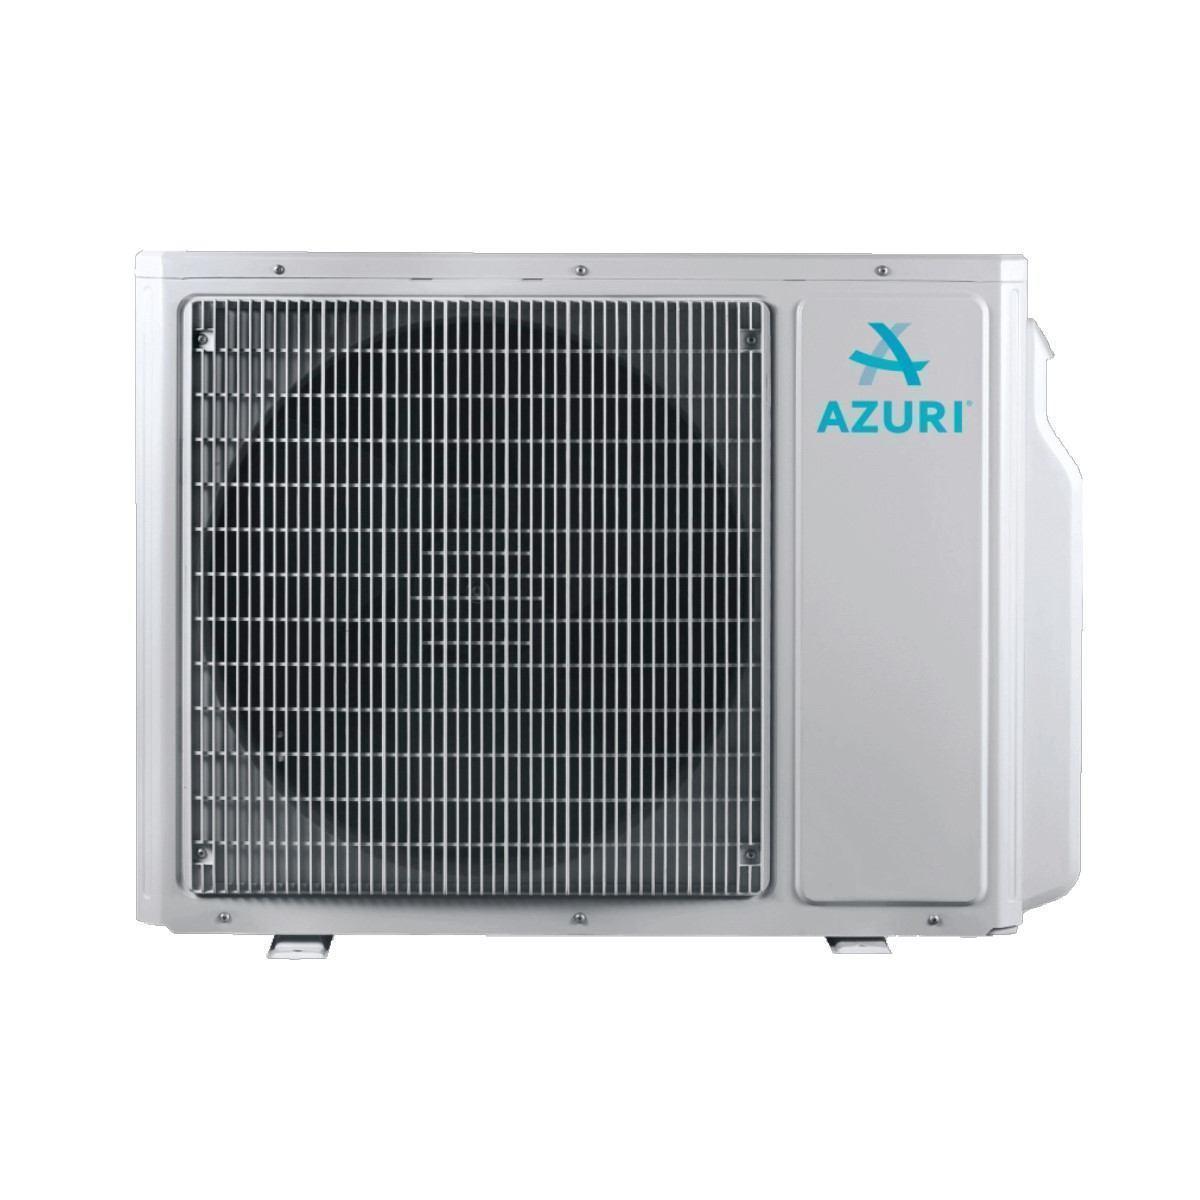 Azuri Klima Uređaj 3 5kw Azi Wo35vf Supra Inverter Za